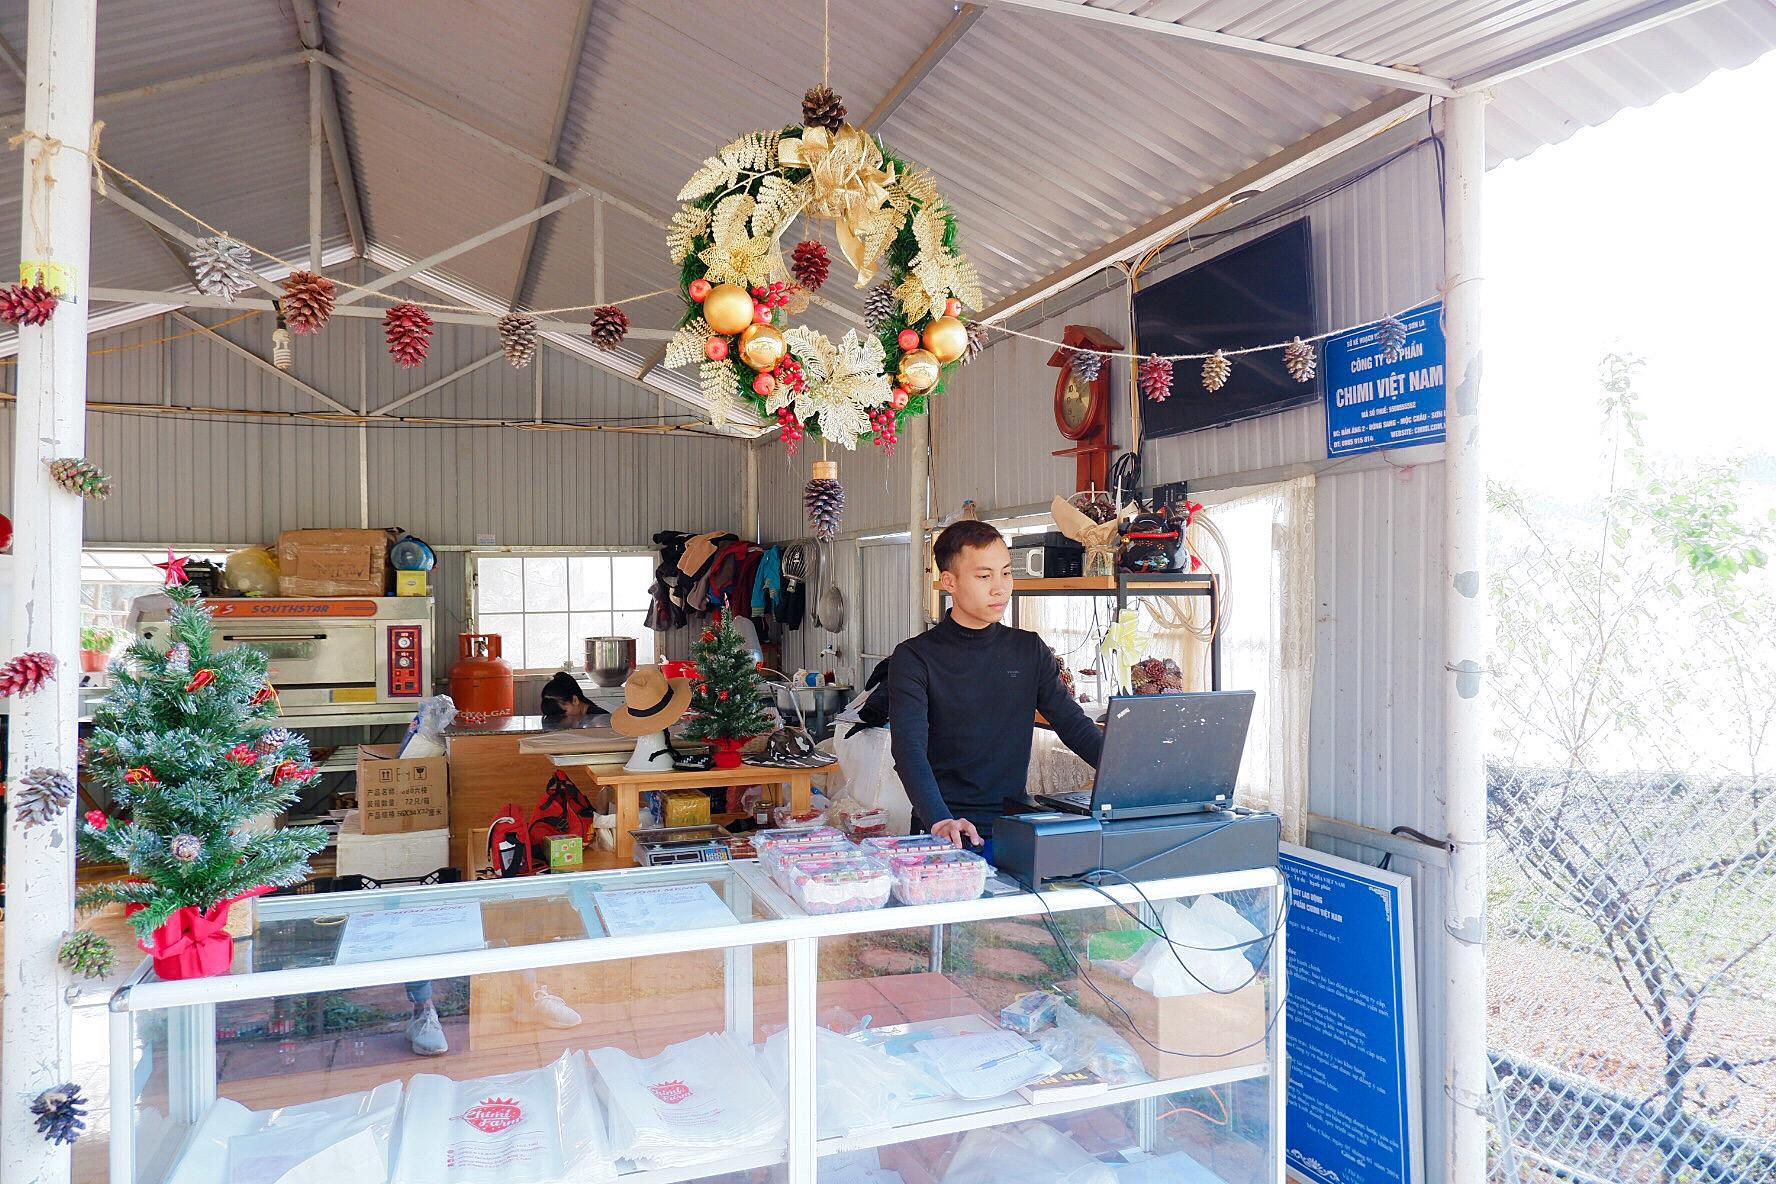 Quầy bán hàng của Chimi Farm tràn ngập không khí noel